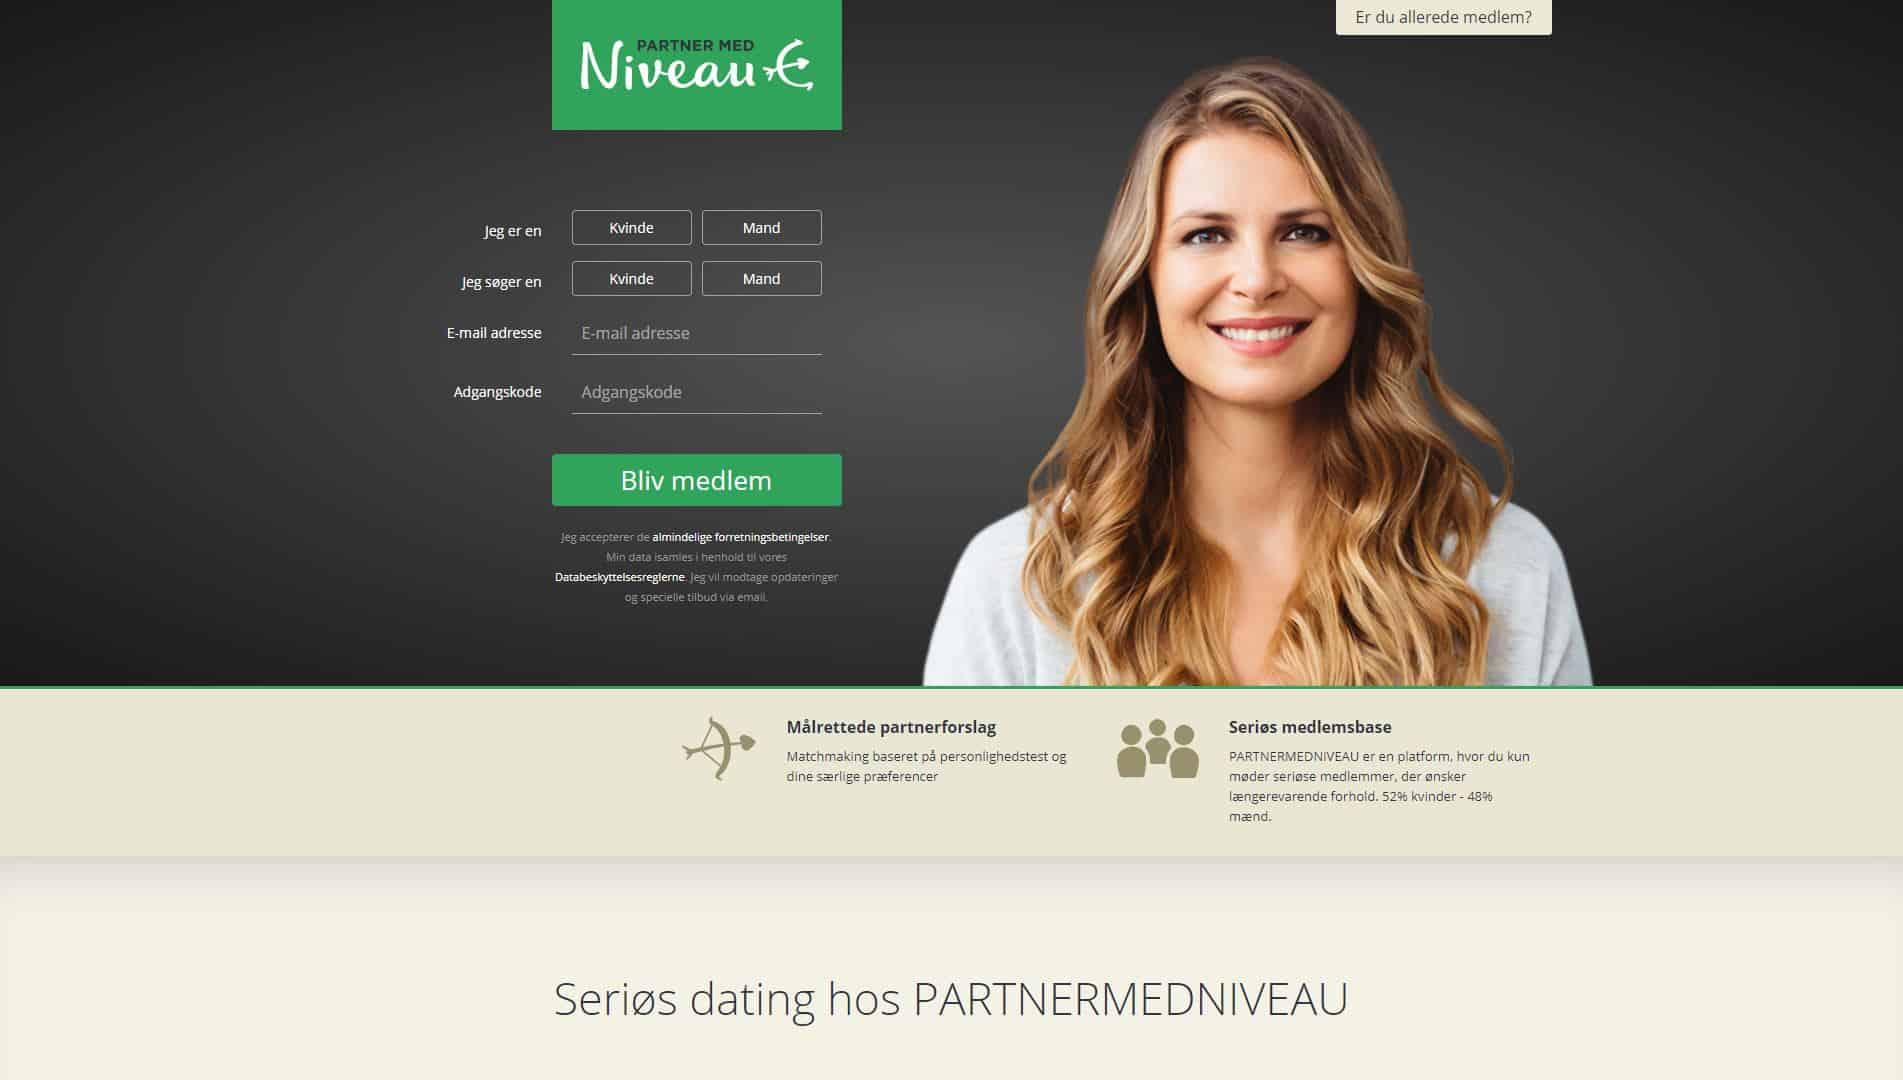 Hvordan man opretter profil på datingwebsites